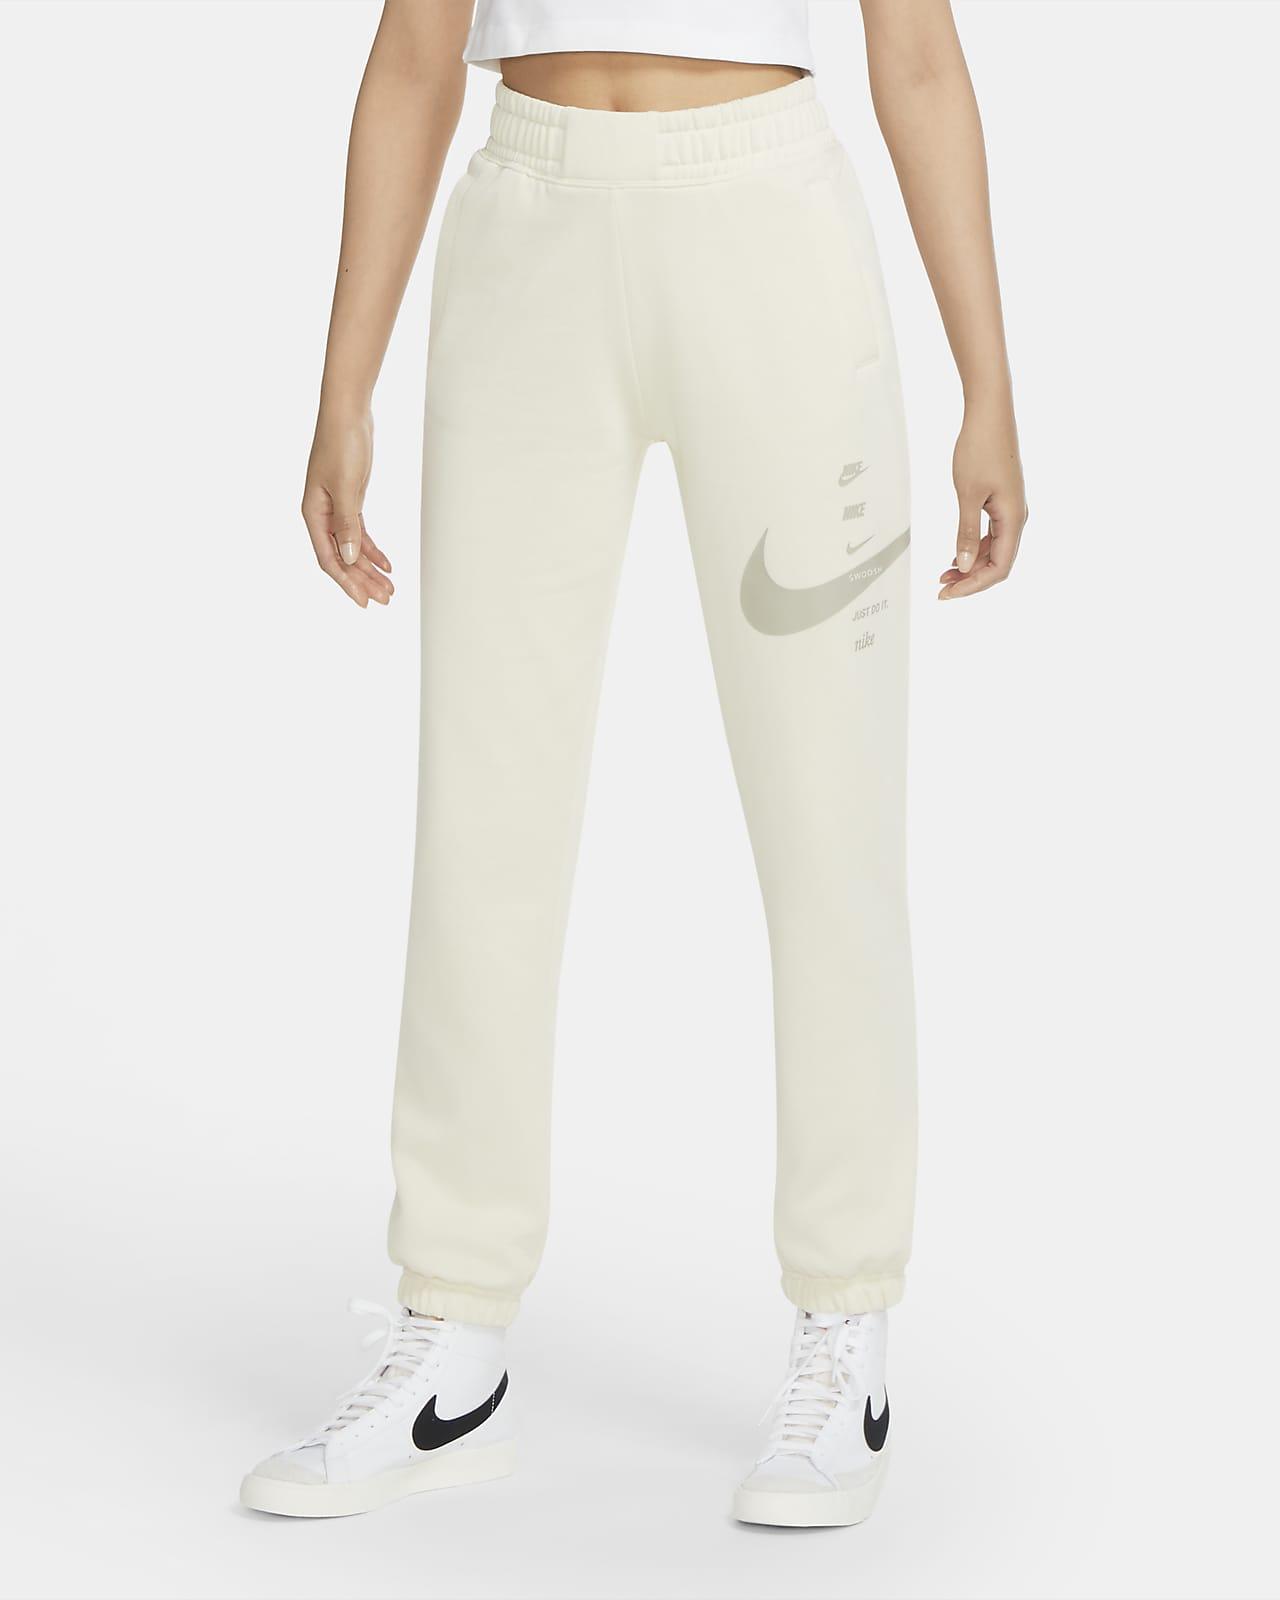 Pantalon Nike Sportswear Swoosh pour Femme